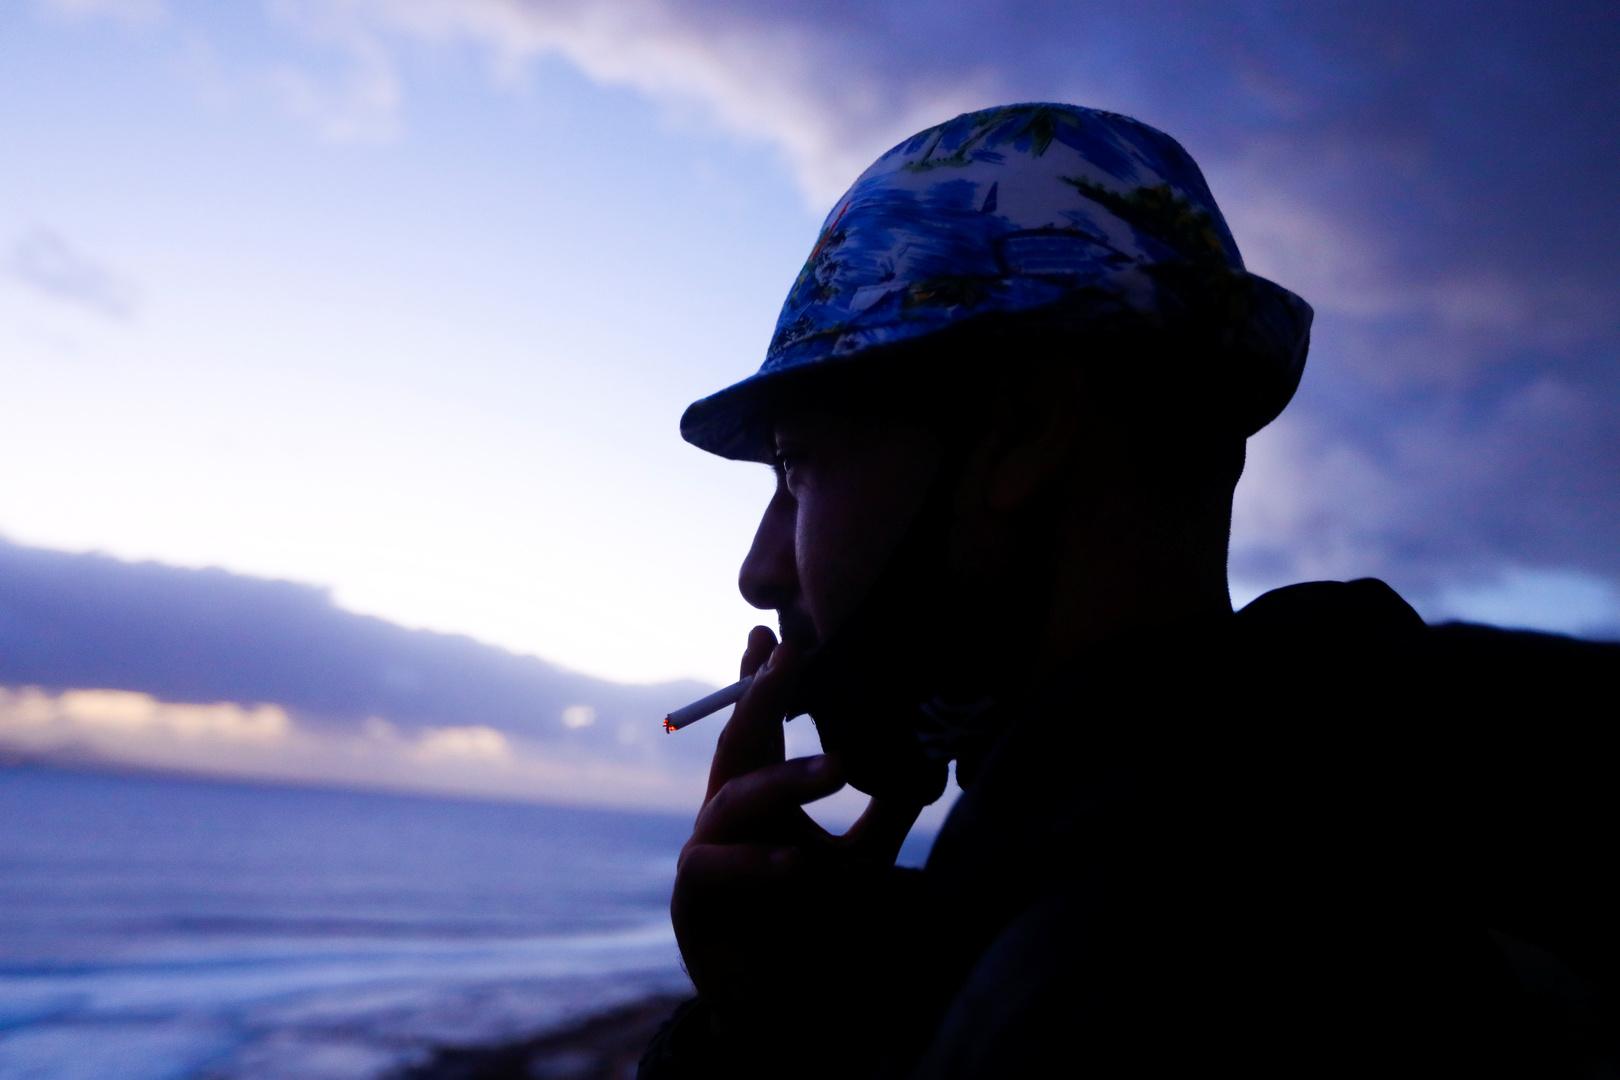 اقتراح قد يدفع المدخنين في روسيا إلى الإقلاع عن هذه العادة السيئة